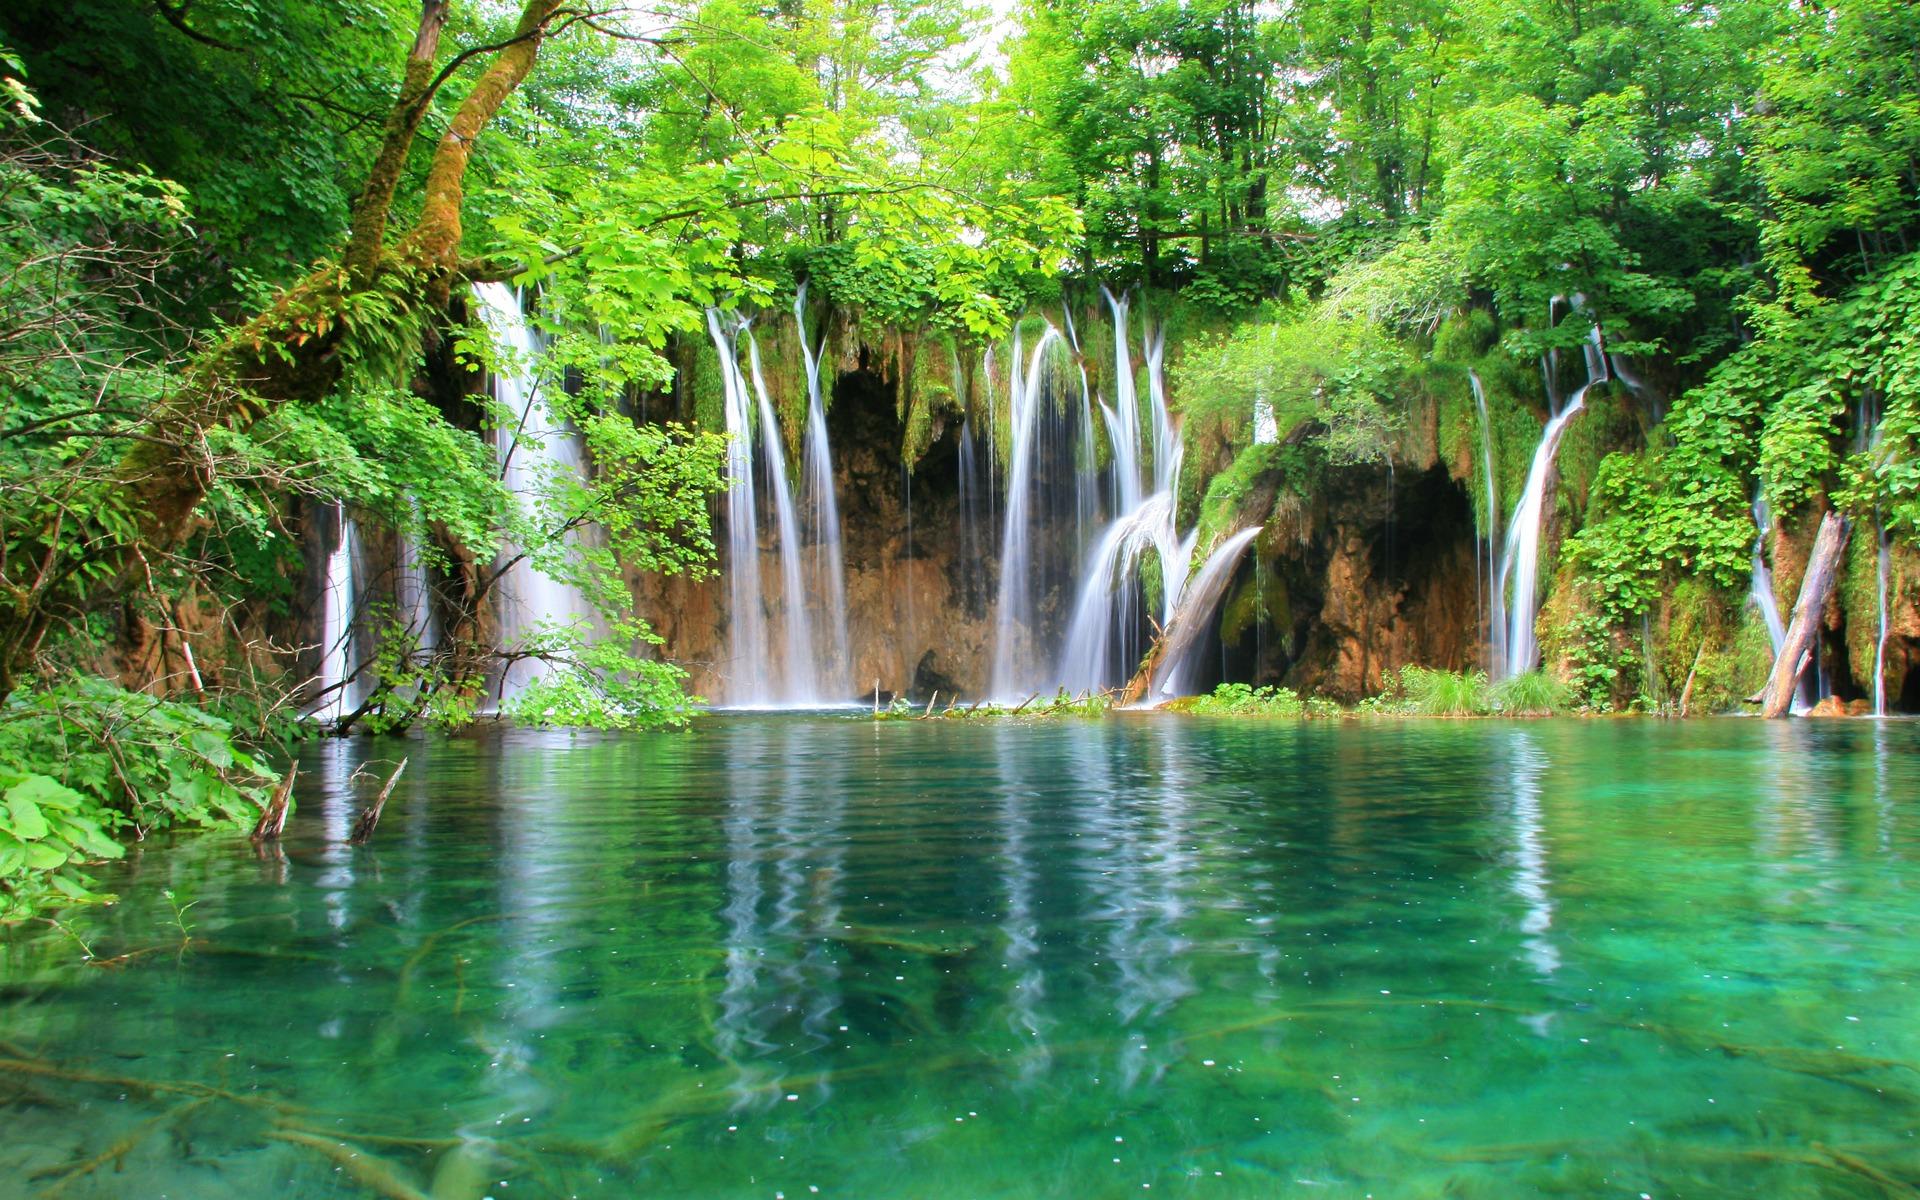 Download Emerald Flows Wallpaper Rivers Nature Wallpaper 1920x1200 1920x1200